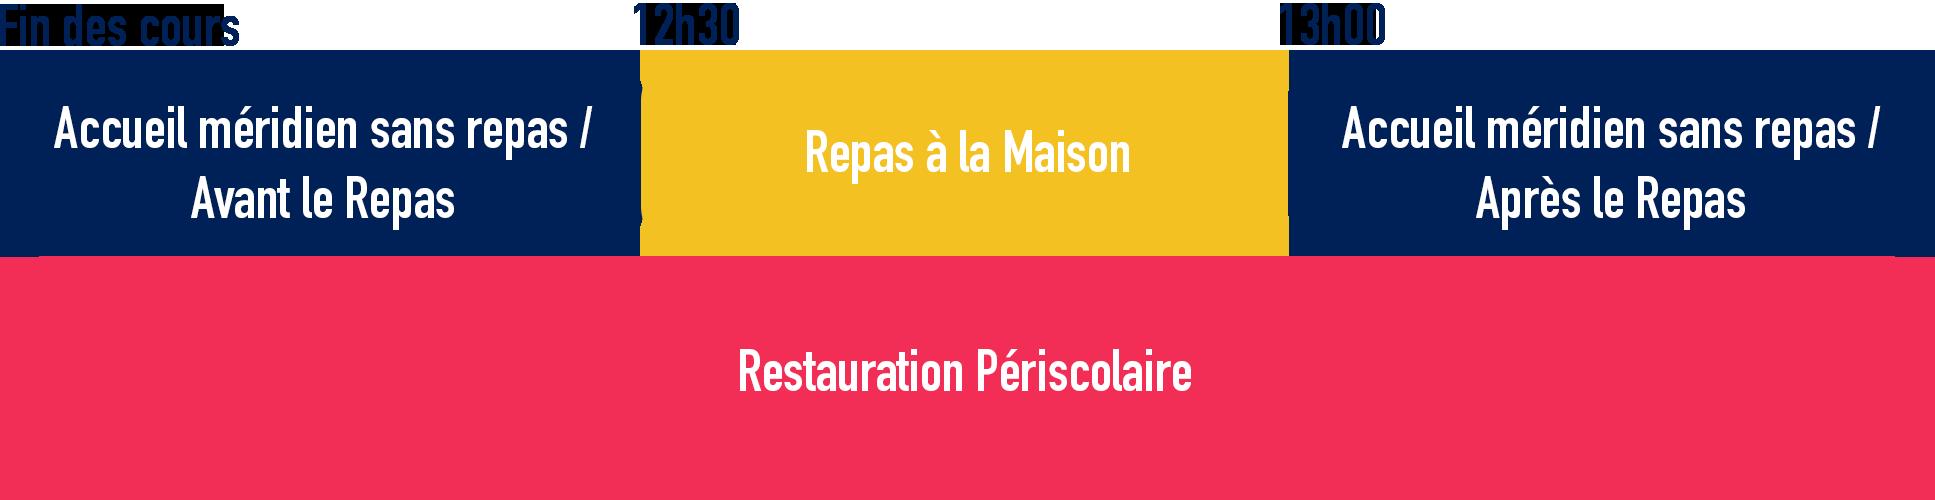 frise_chronologique_du_restauration_p10.png